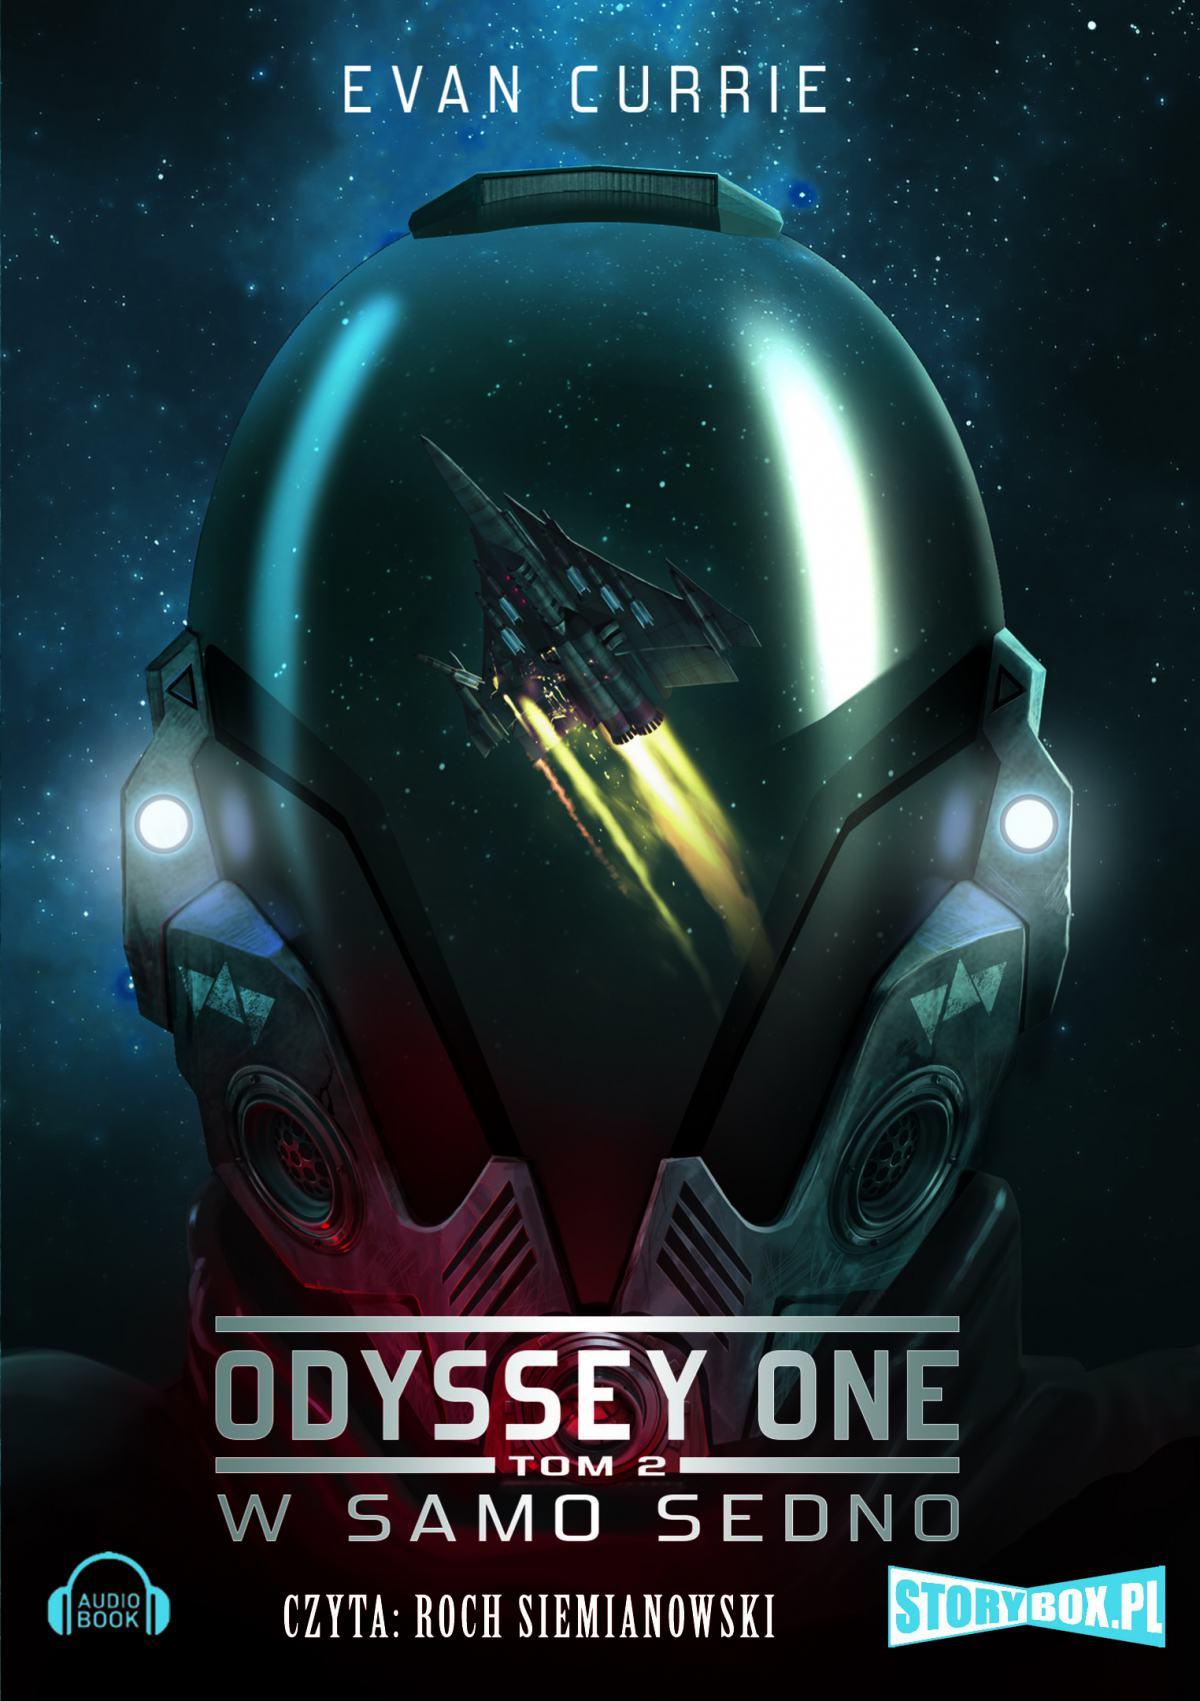 Odyssey One. Tom 2. W samo sedno - Audiobook (Książka audio MP3) do pobrania w całości w archiwum ZIP